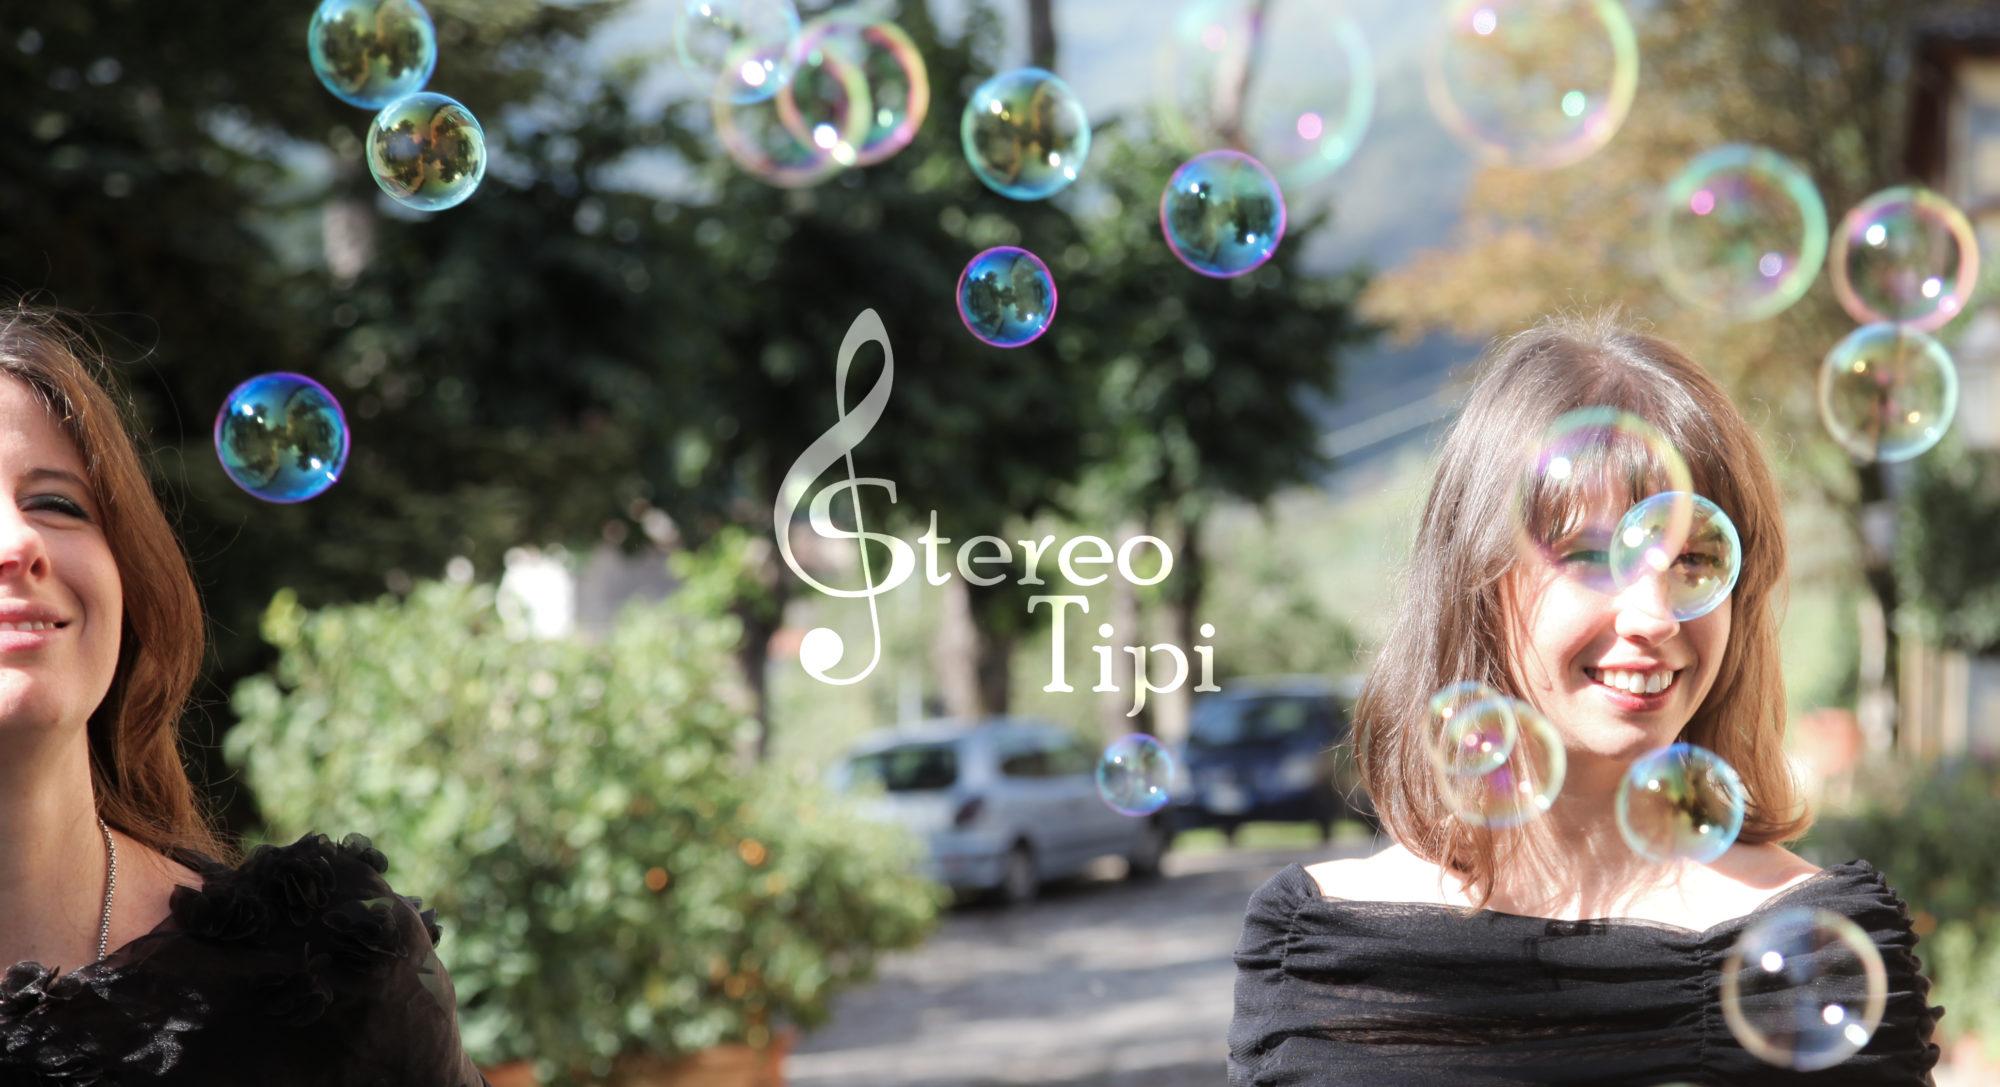 Stereo Tipi